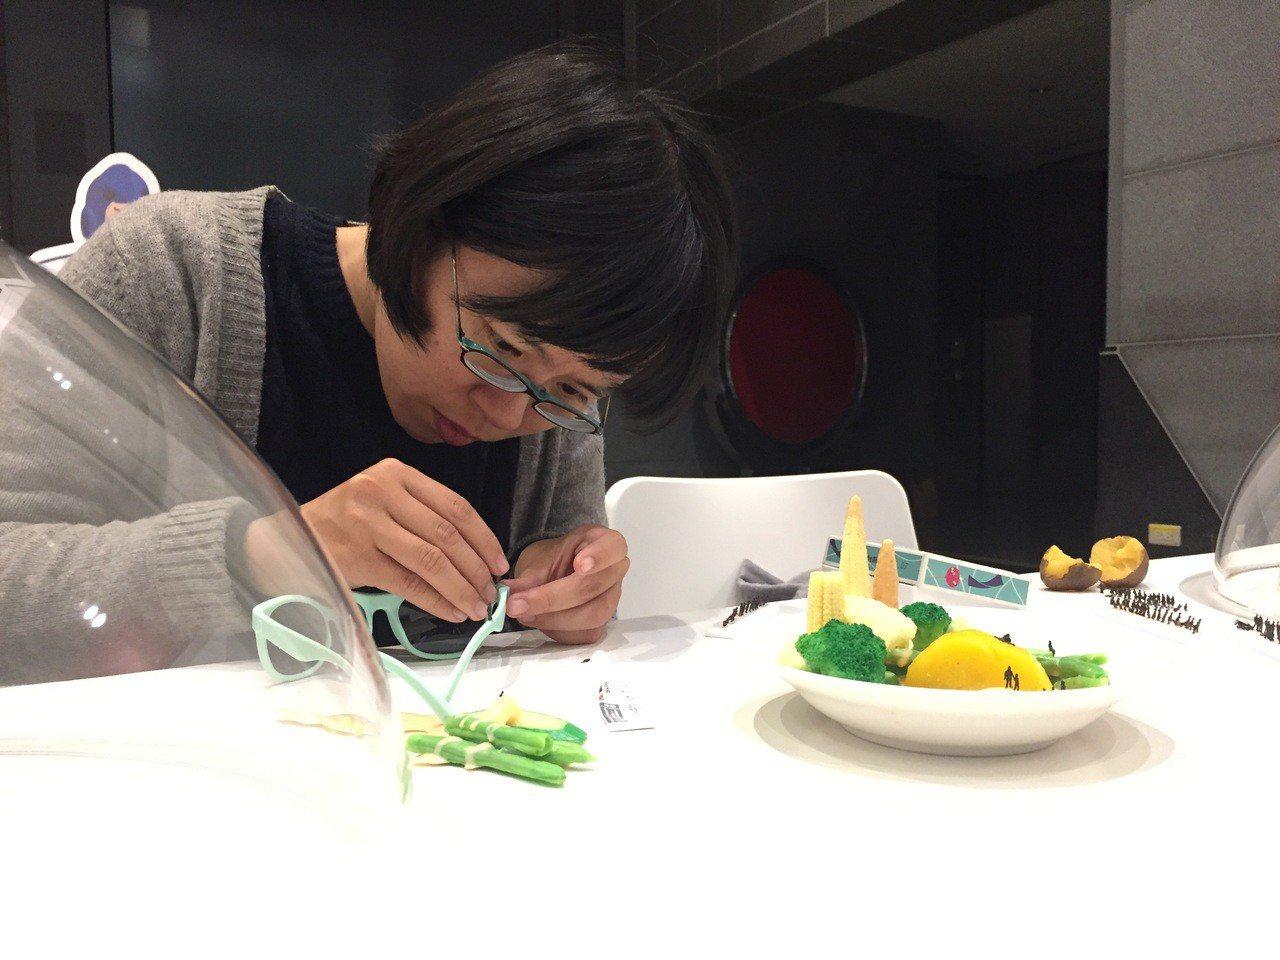 國內知名雕塑家林玉婷仔細小心地將1:200的小人偶貼在作品上。 記者陳珮琦/翻攝